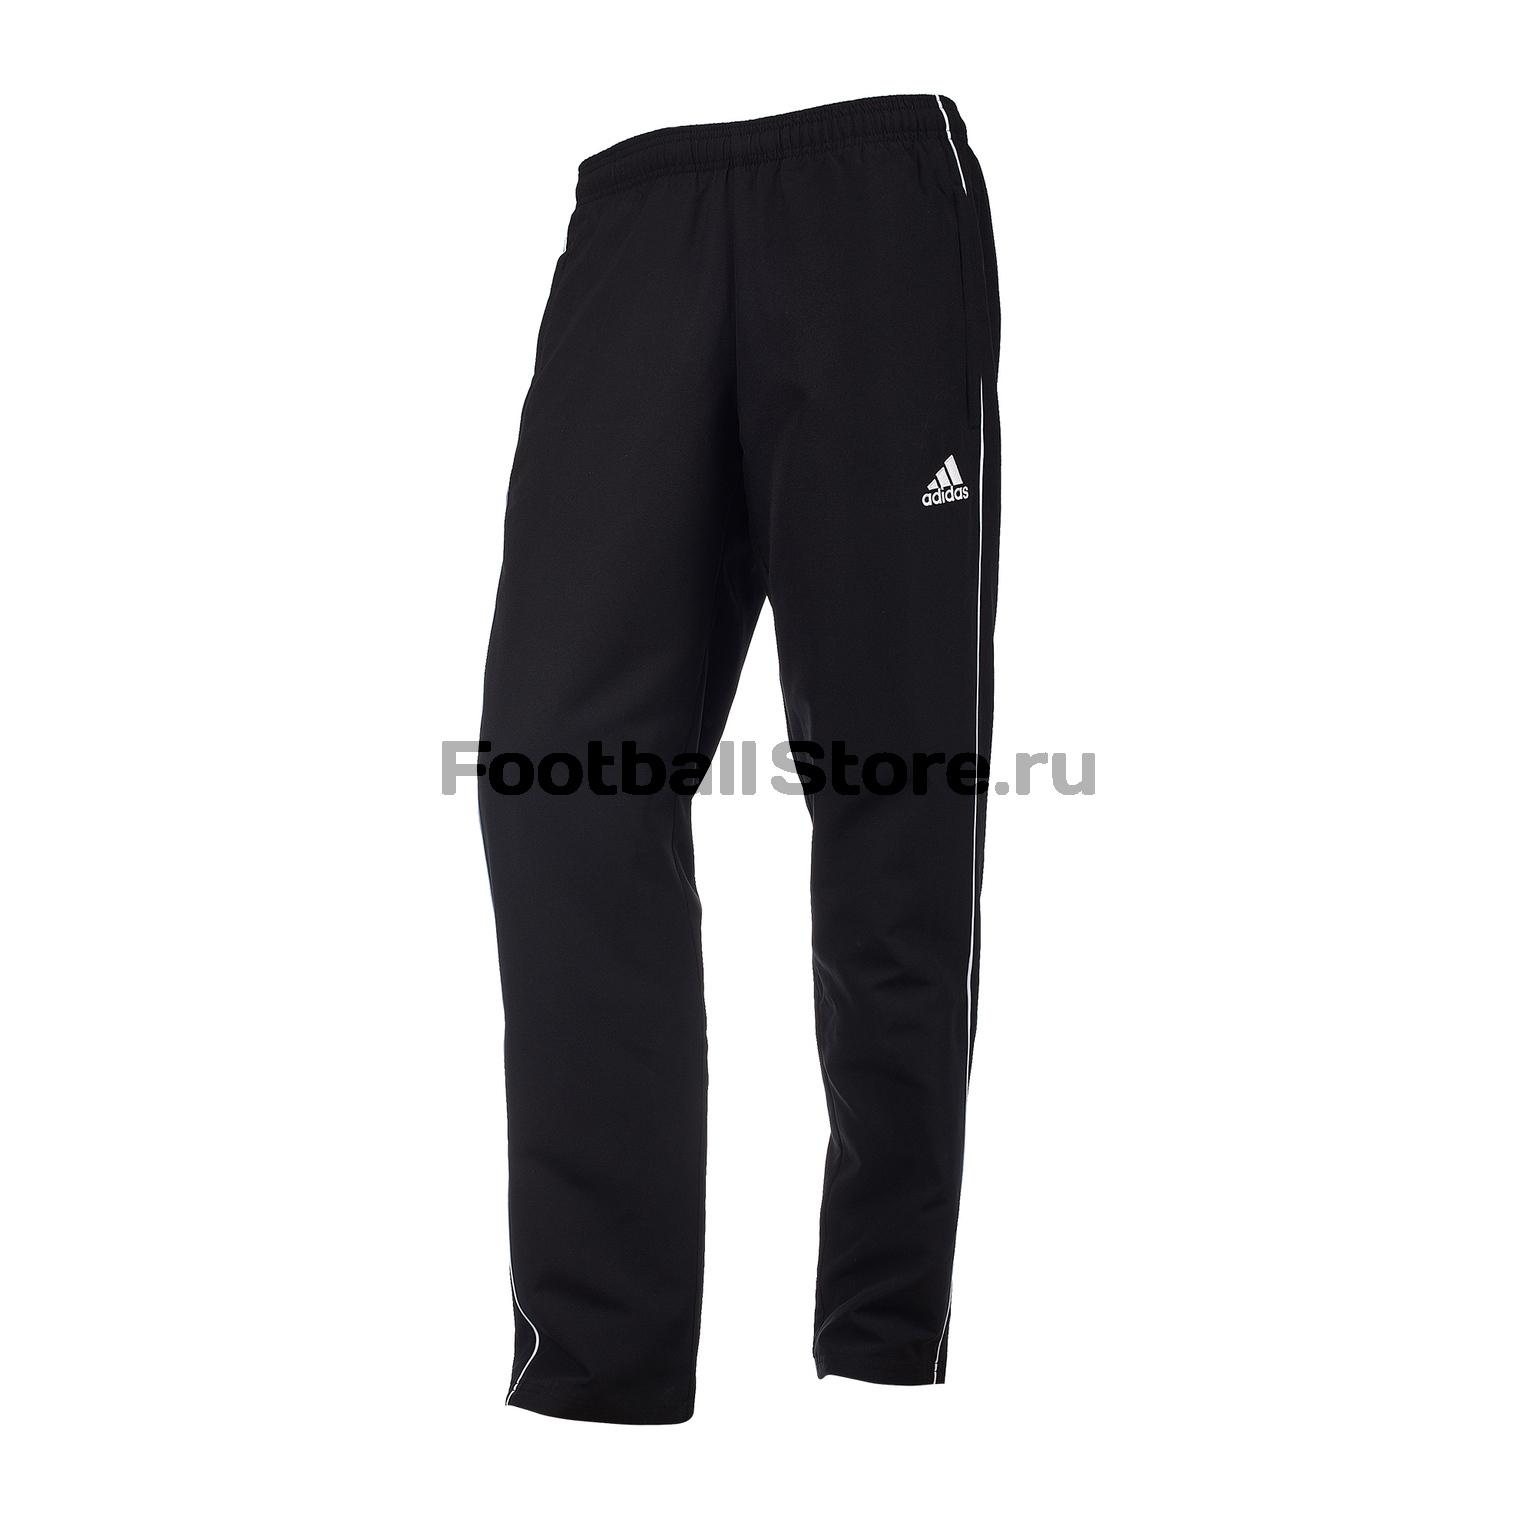 Брюки Adidas Core18 Pre Pnt CE9045